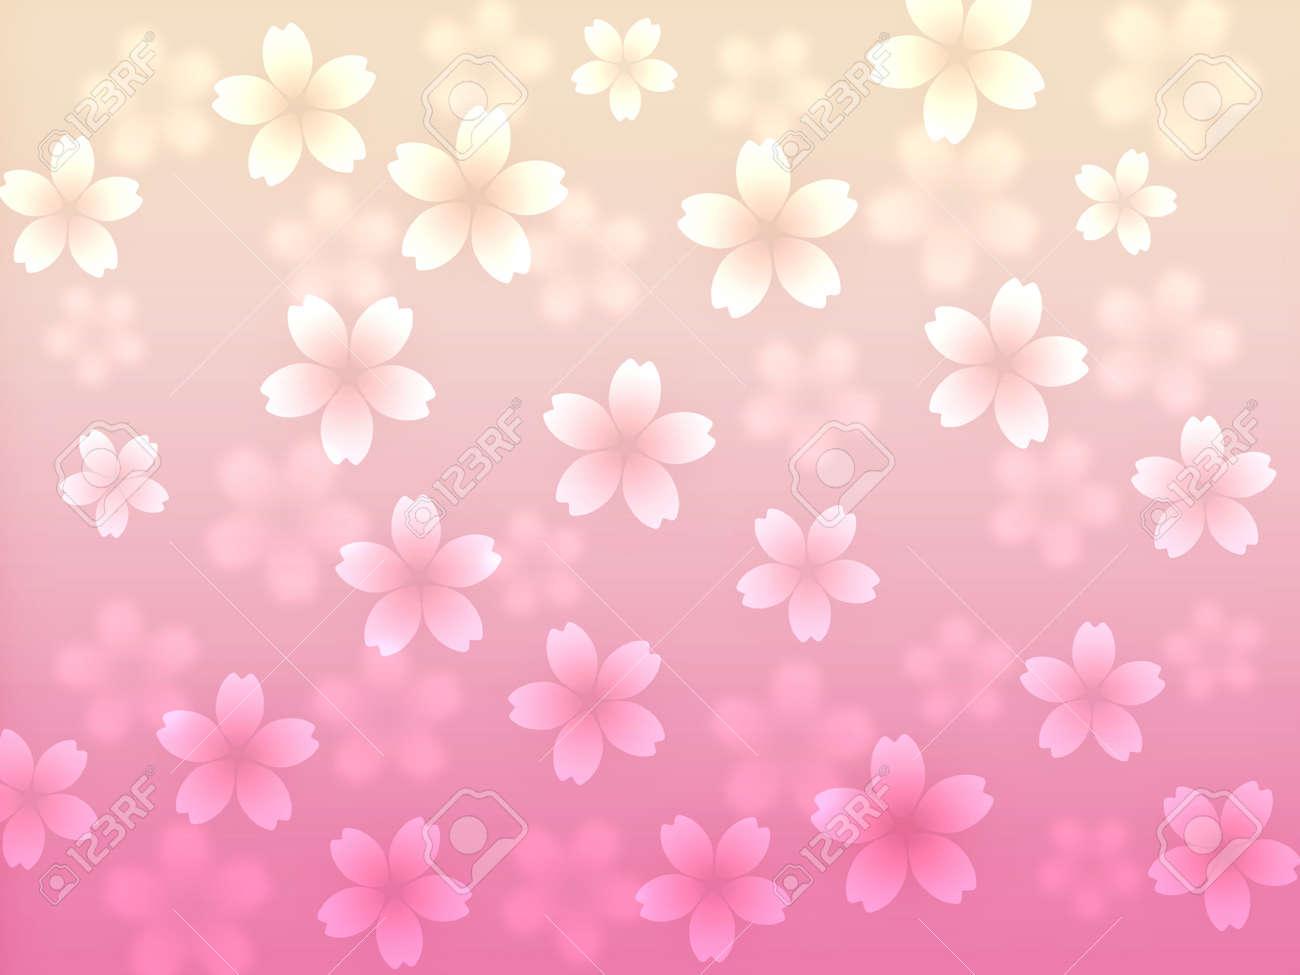 抽象的な桜背景イラスト ロイヤリティーフリーフォト、ピクチャー